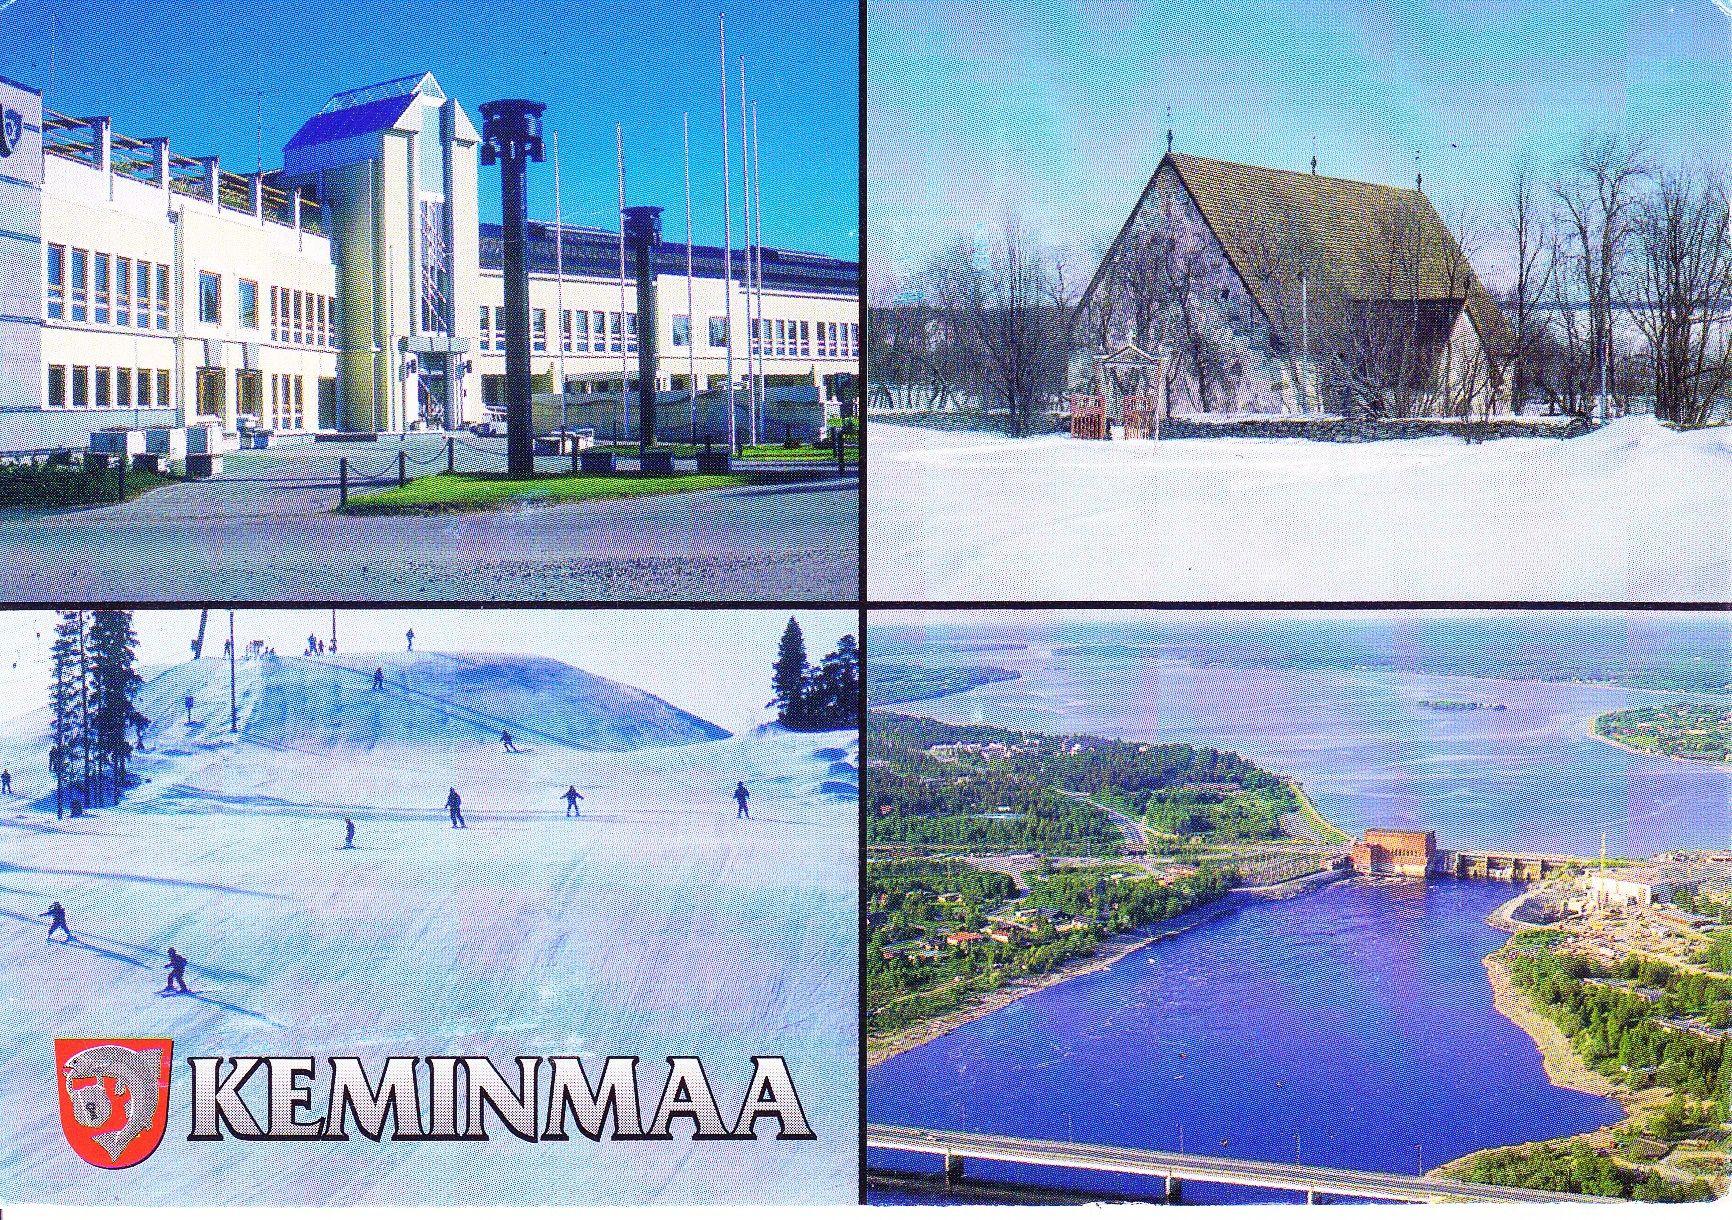 Keeminma. Kunnantalo, Pyhän Mikaelin krkko, Kallin hiihtokeskus, Isohaaran voimalaitos.